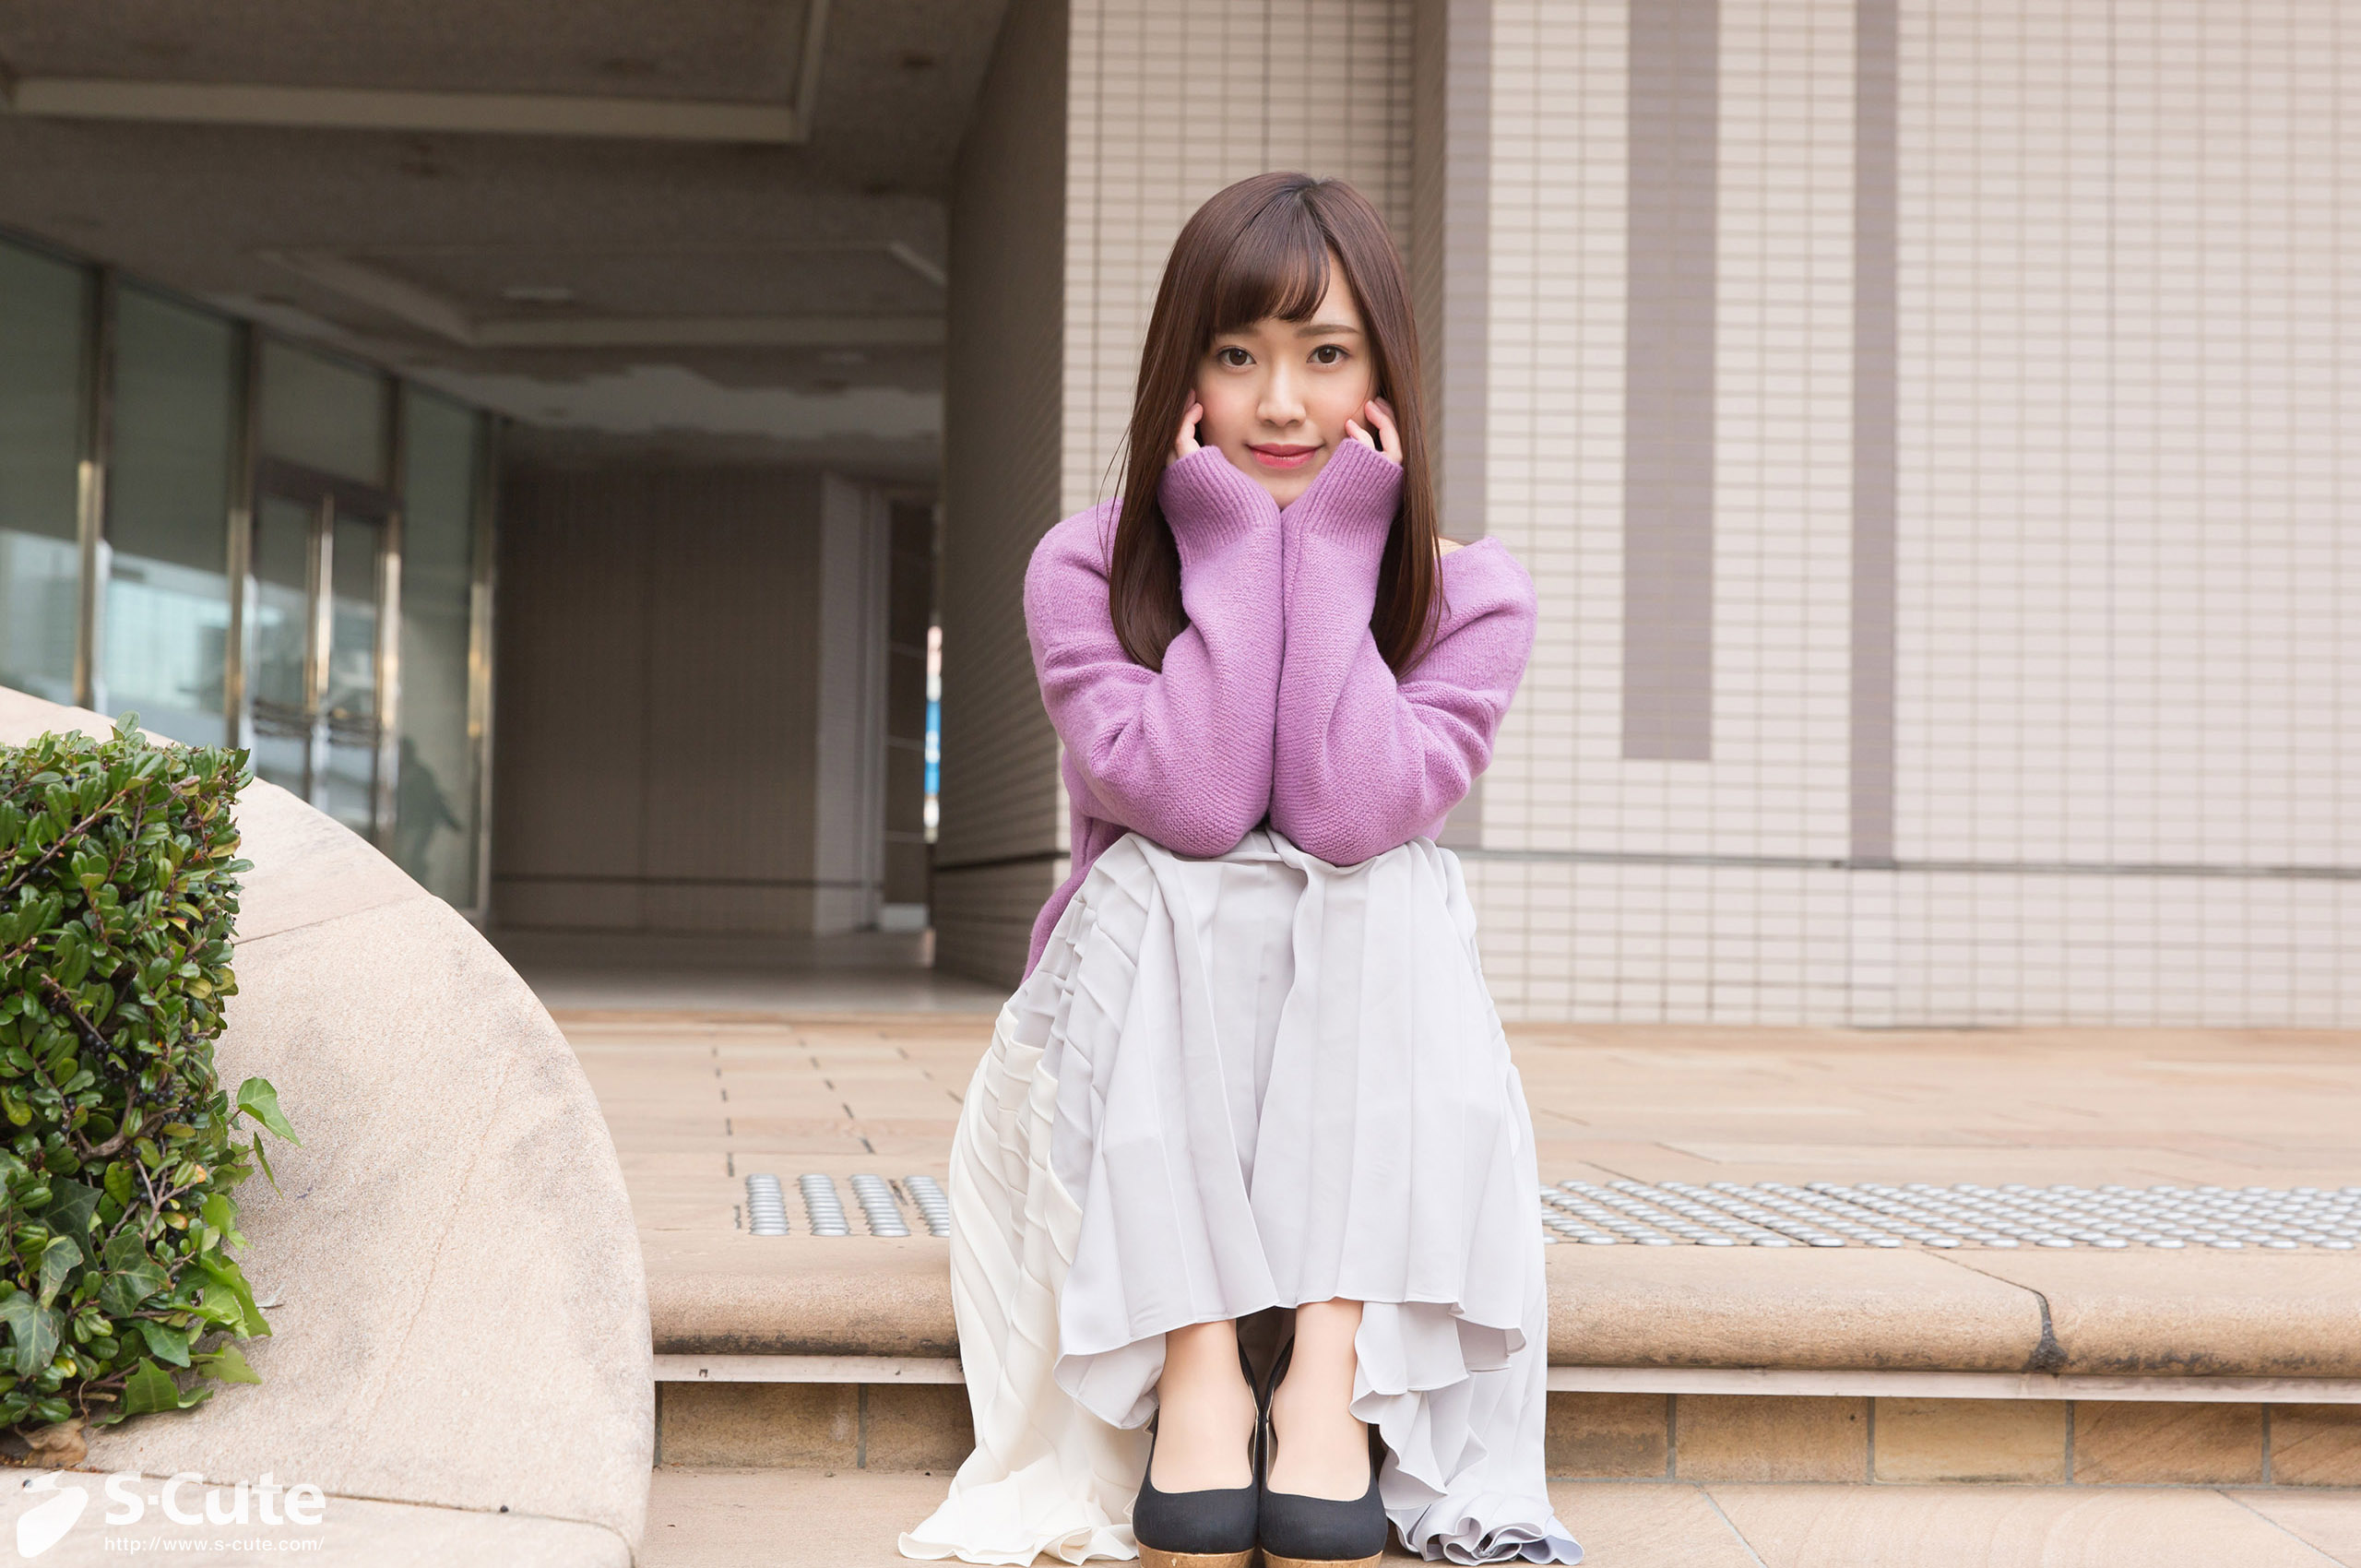 692_mei_01-004 - ryuklemobi